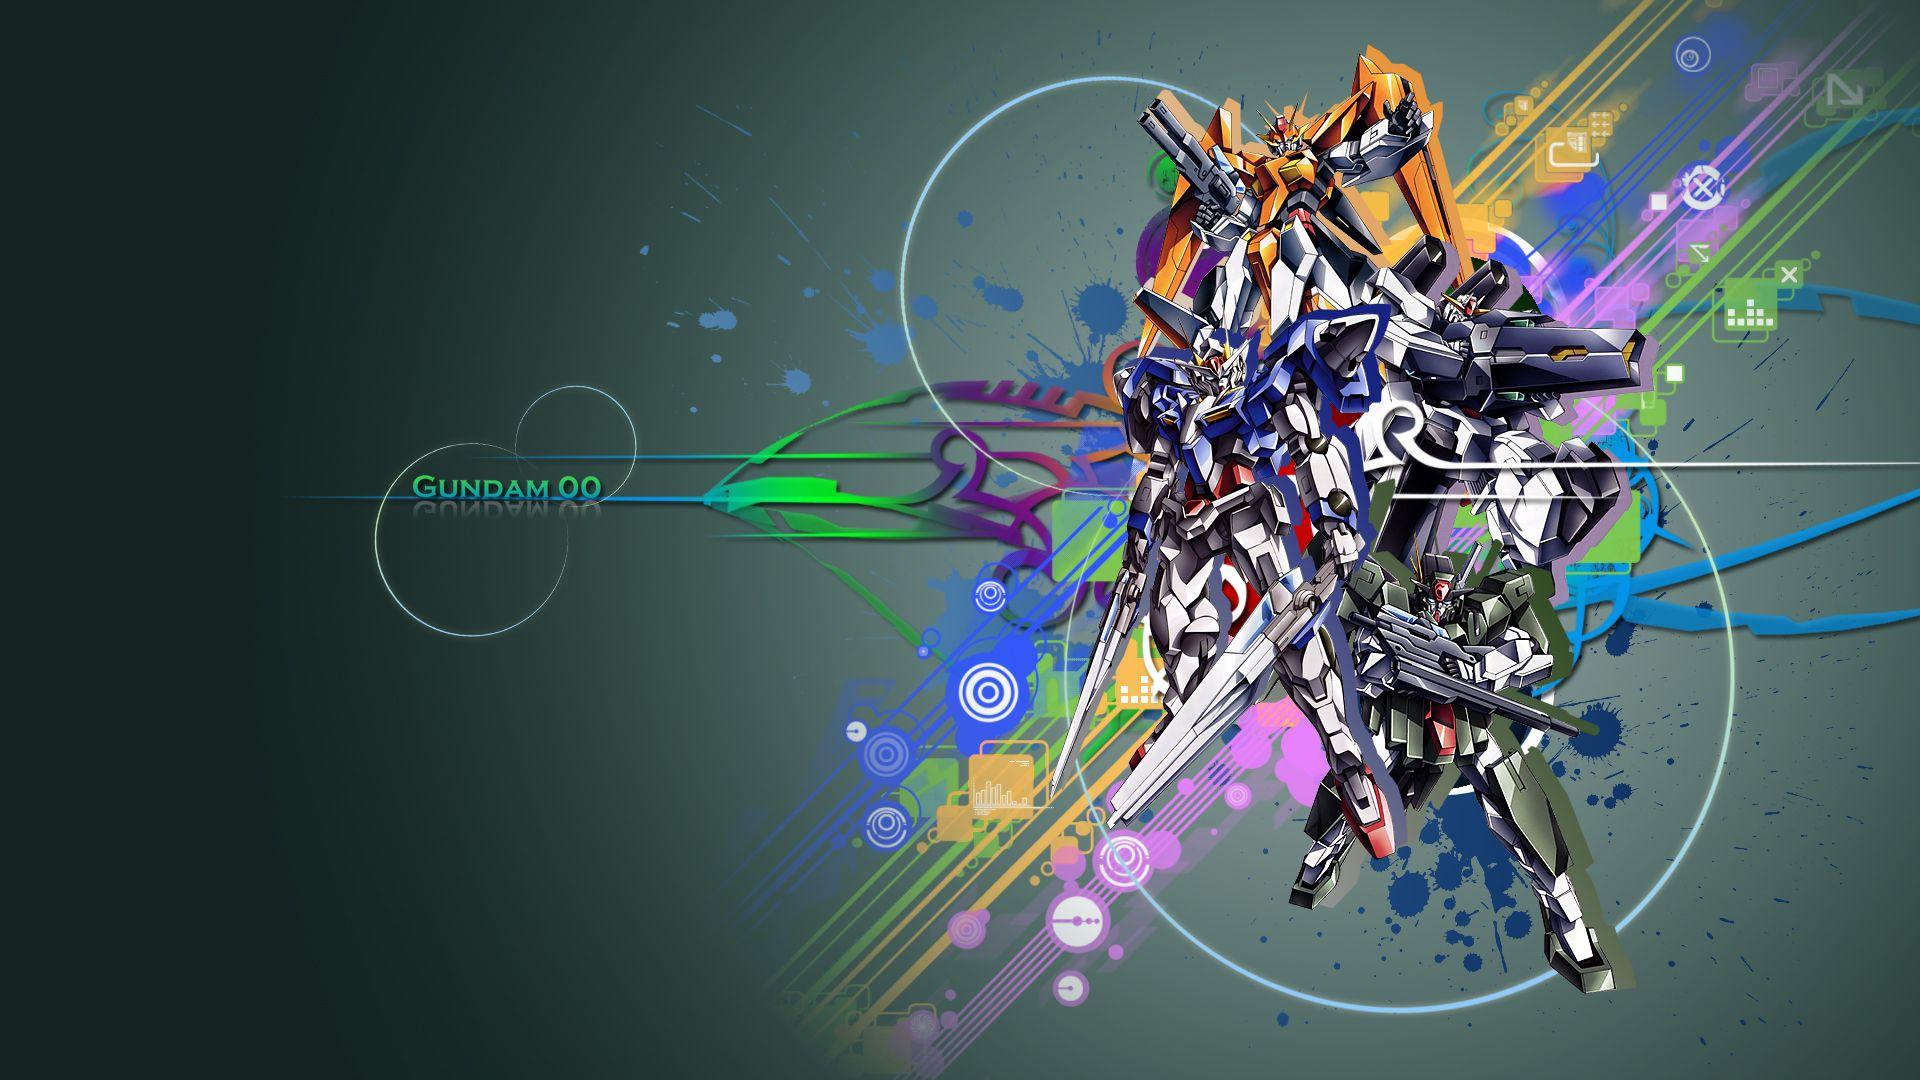 Gundam ガンダム壁紙 ガンダムチャンネル 機動戦士ガンダム00